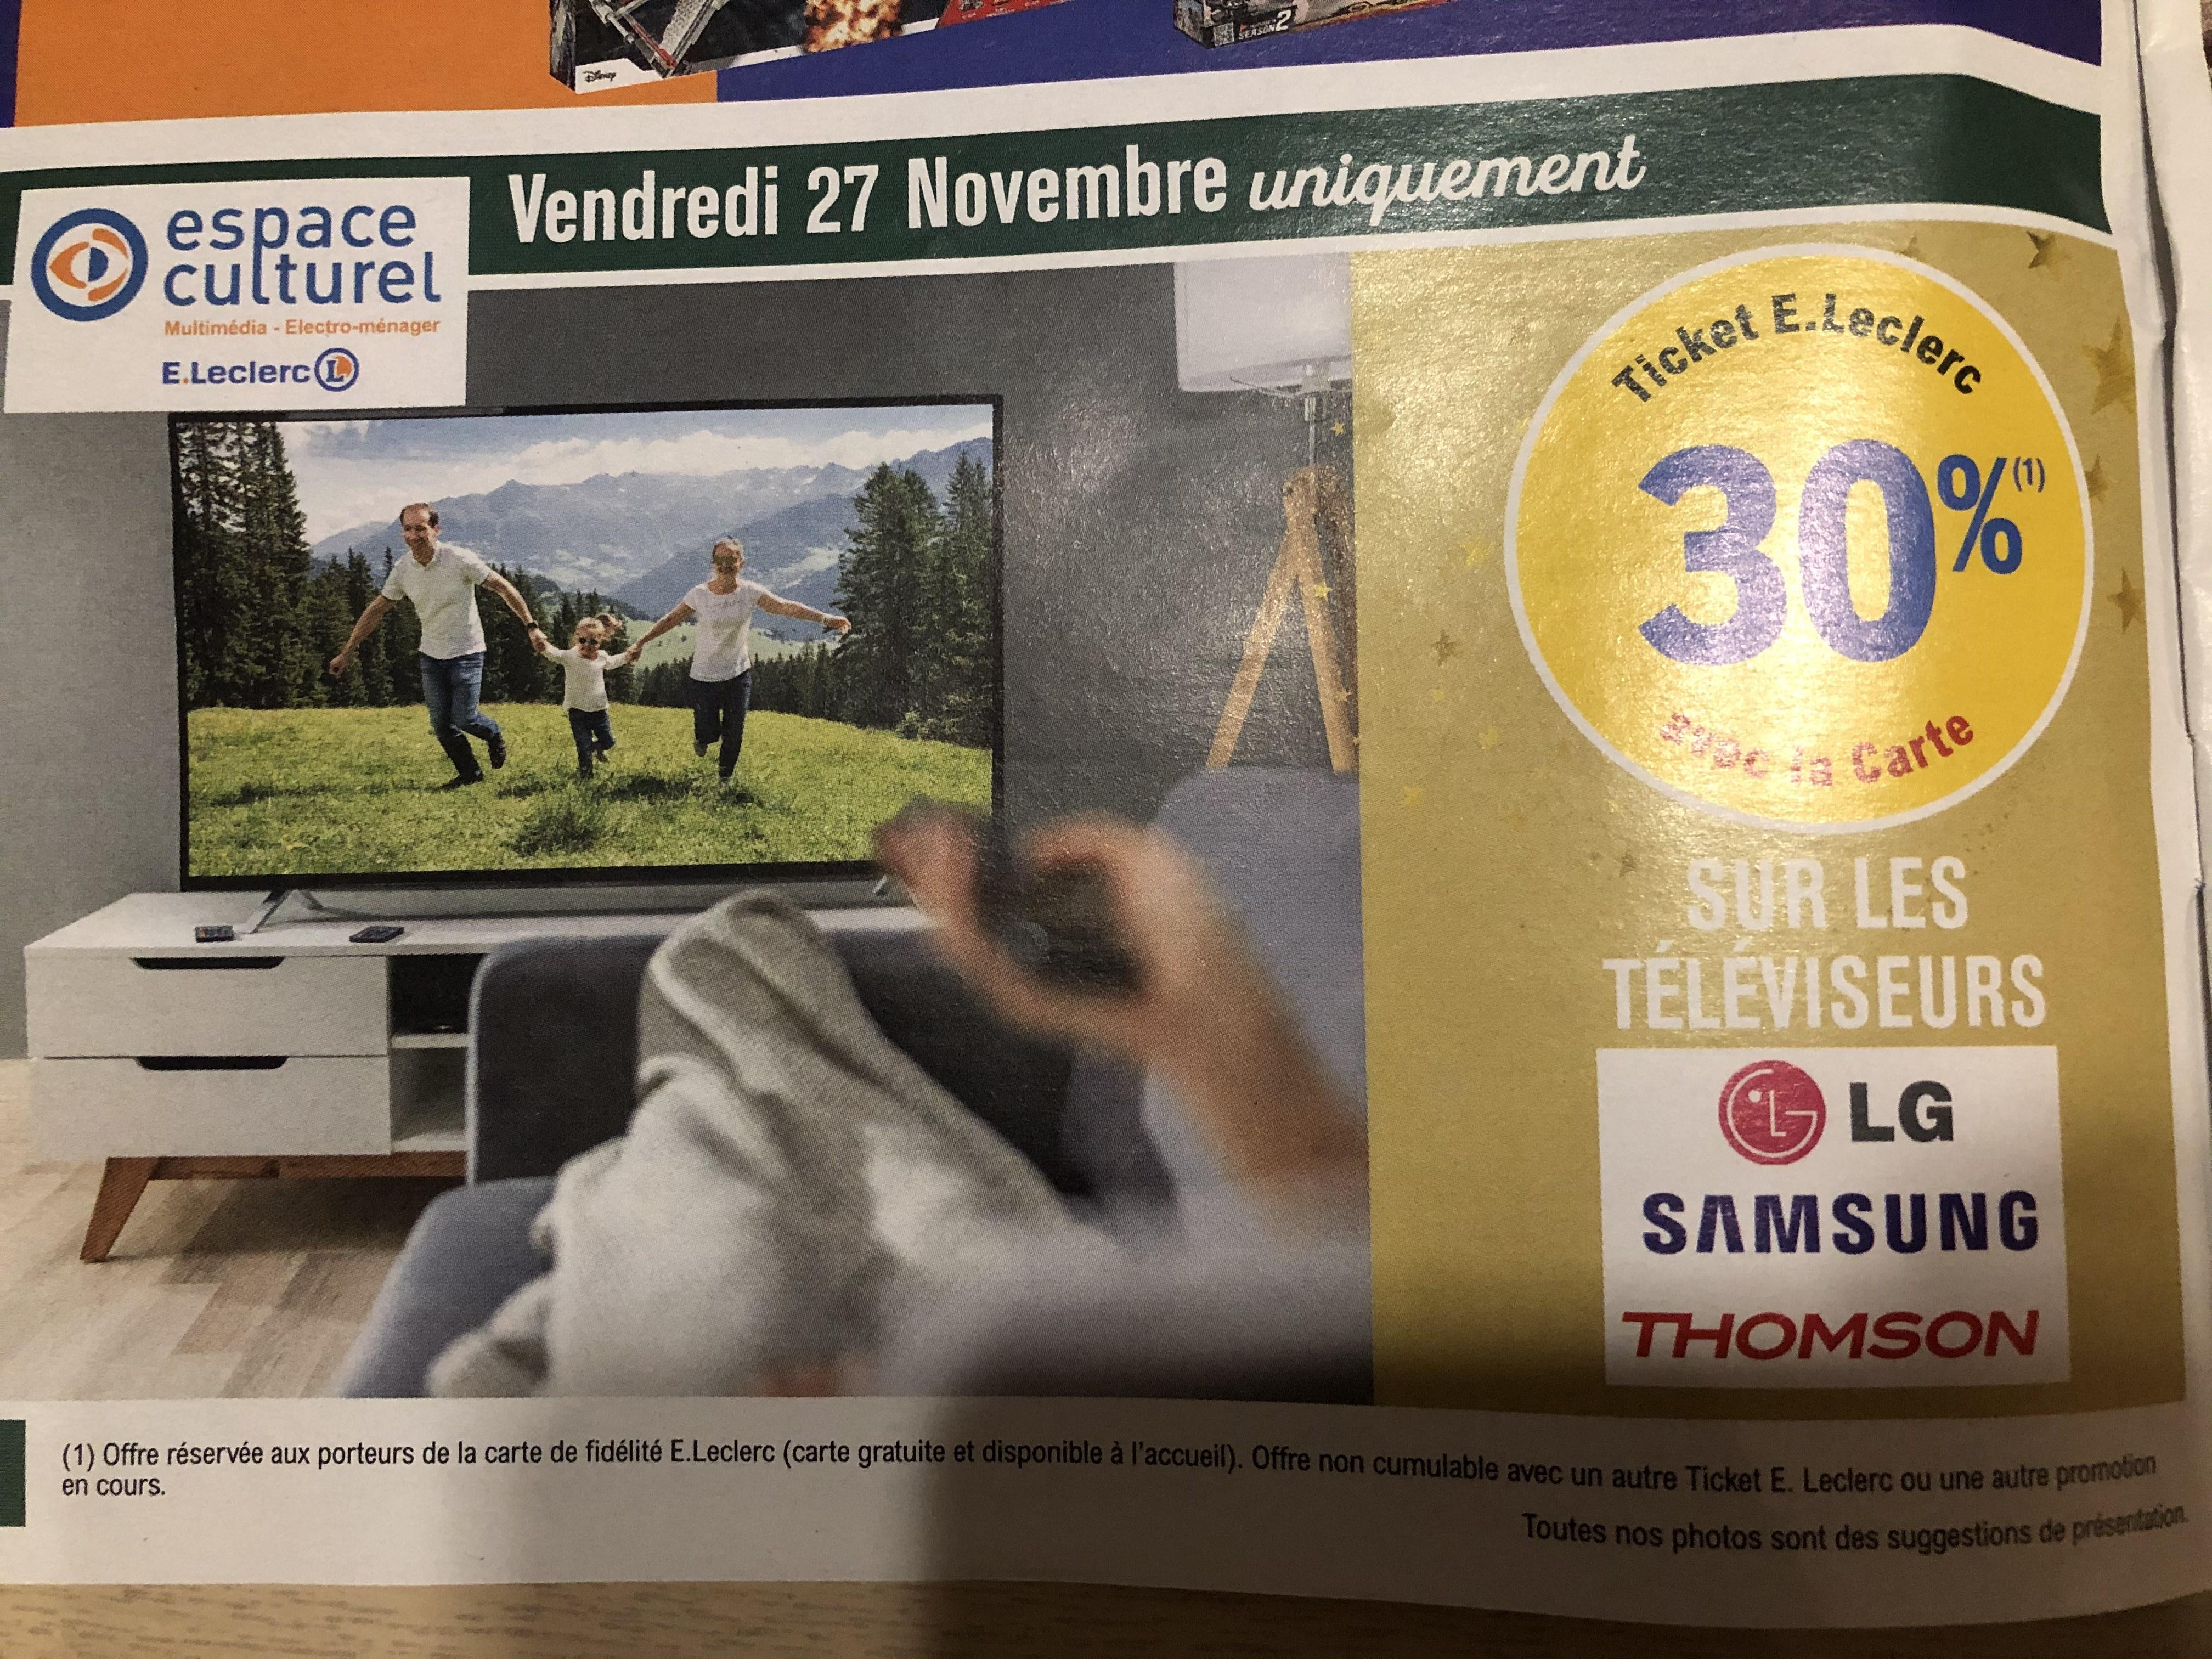 30% carte fidélité sur les TV des marques Samsung, LG & Thomson - Niort (79)